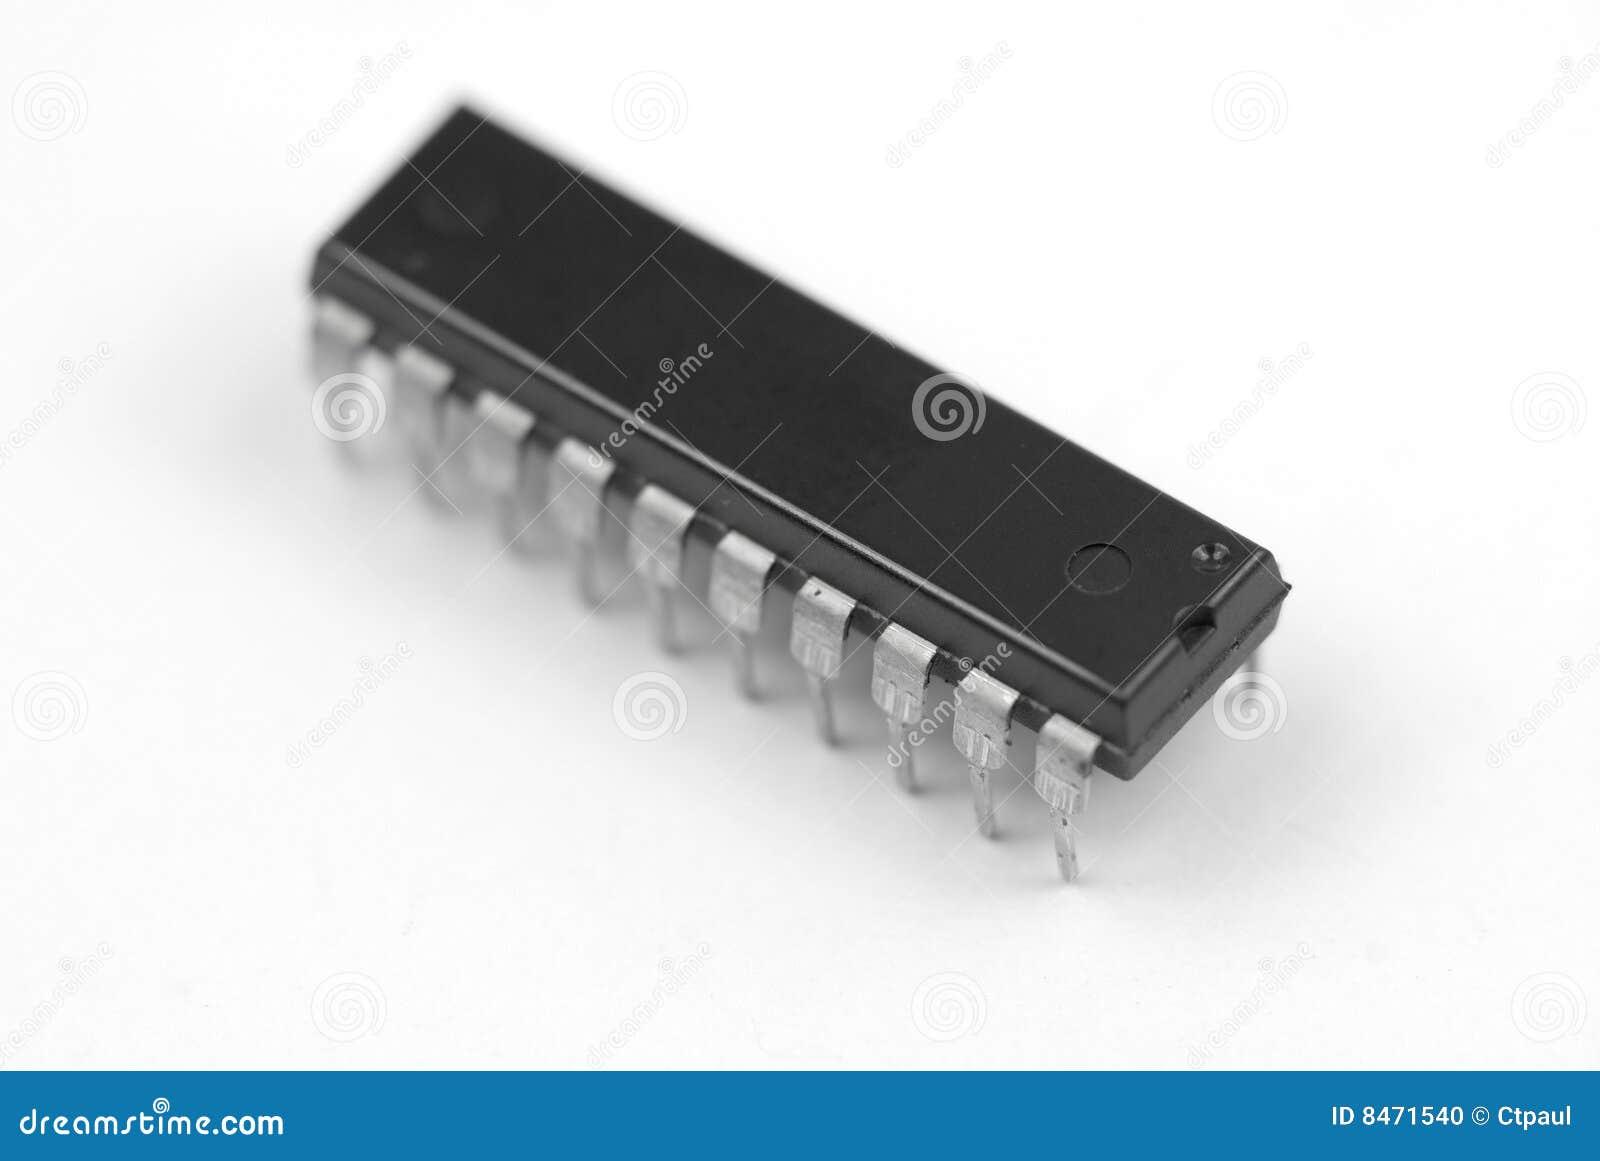 Chip ic